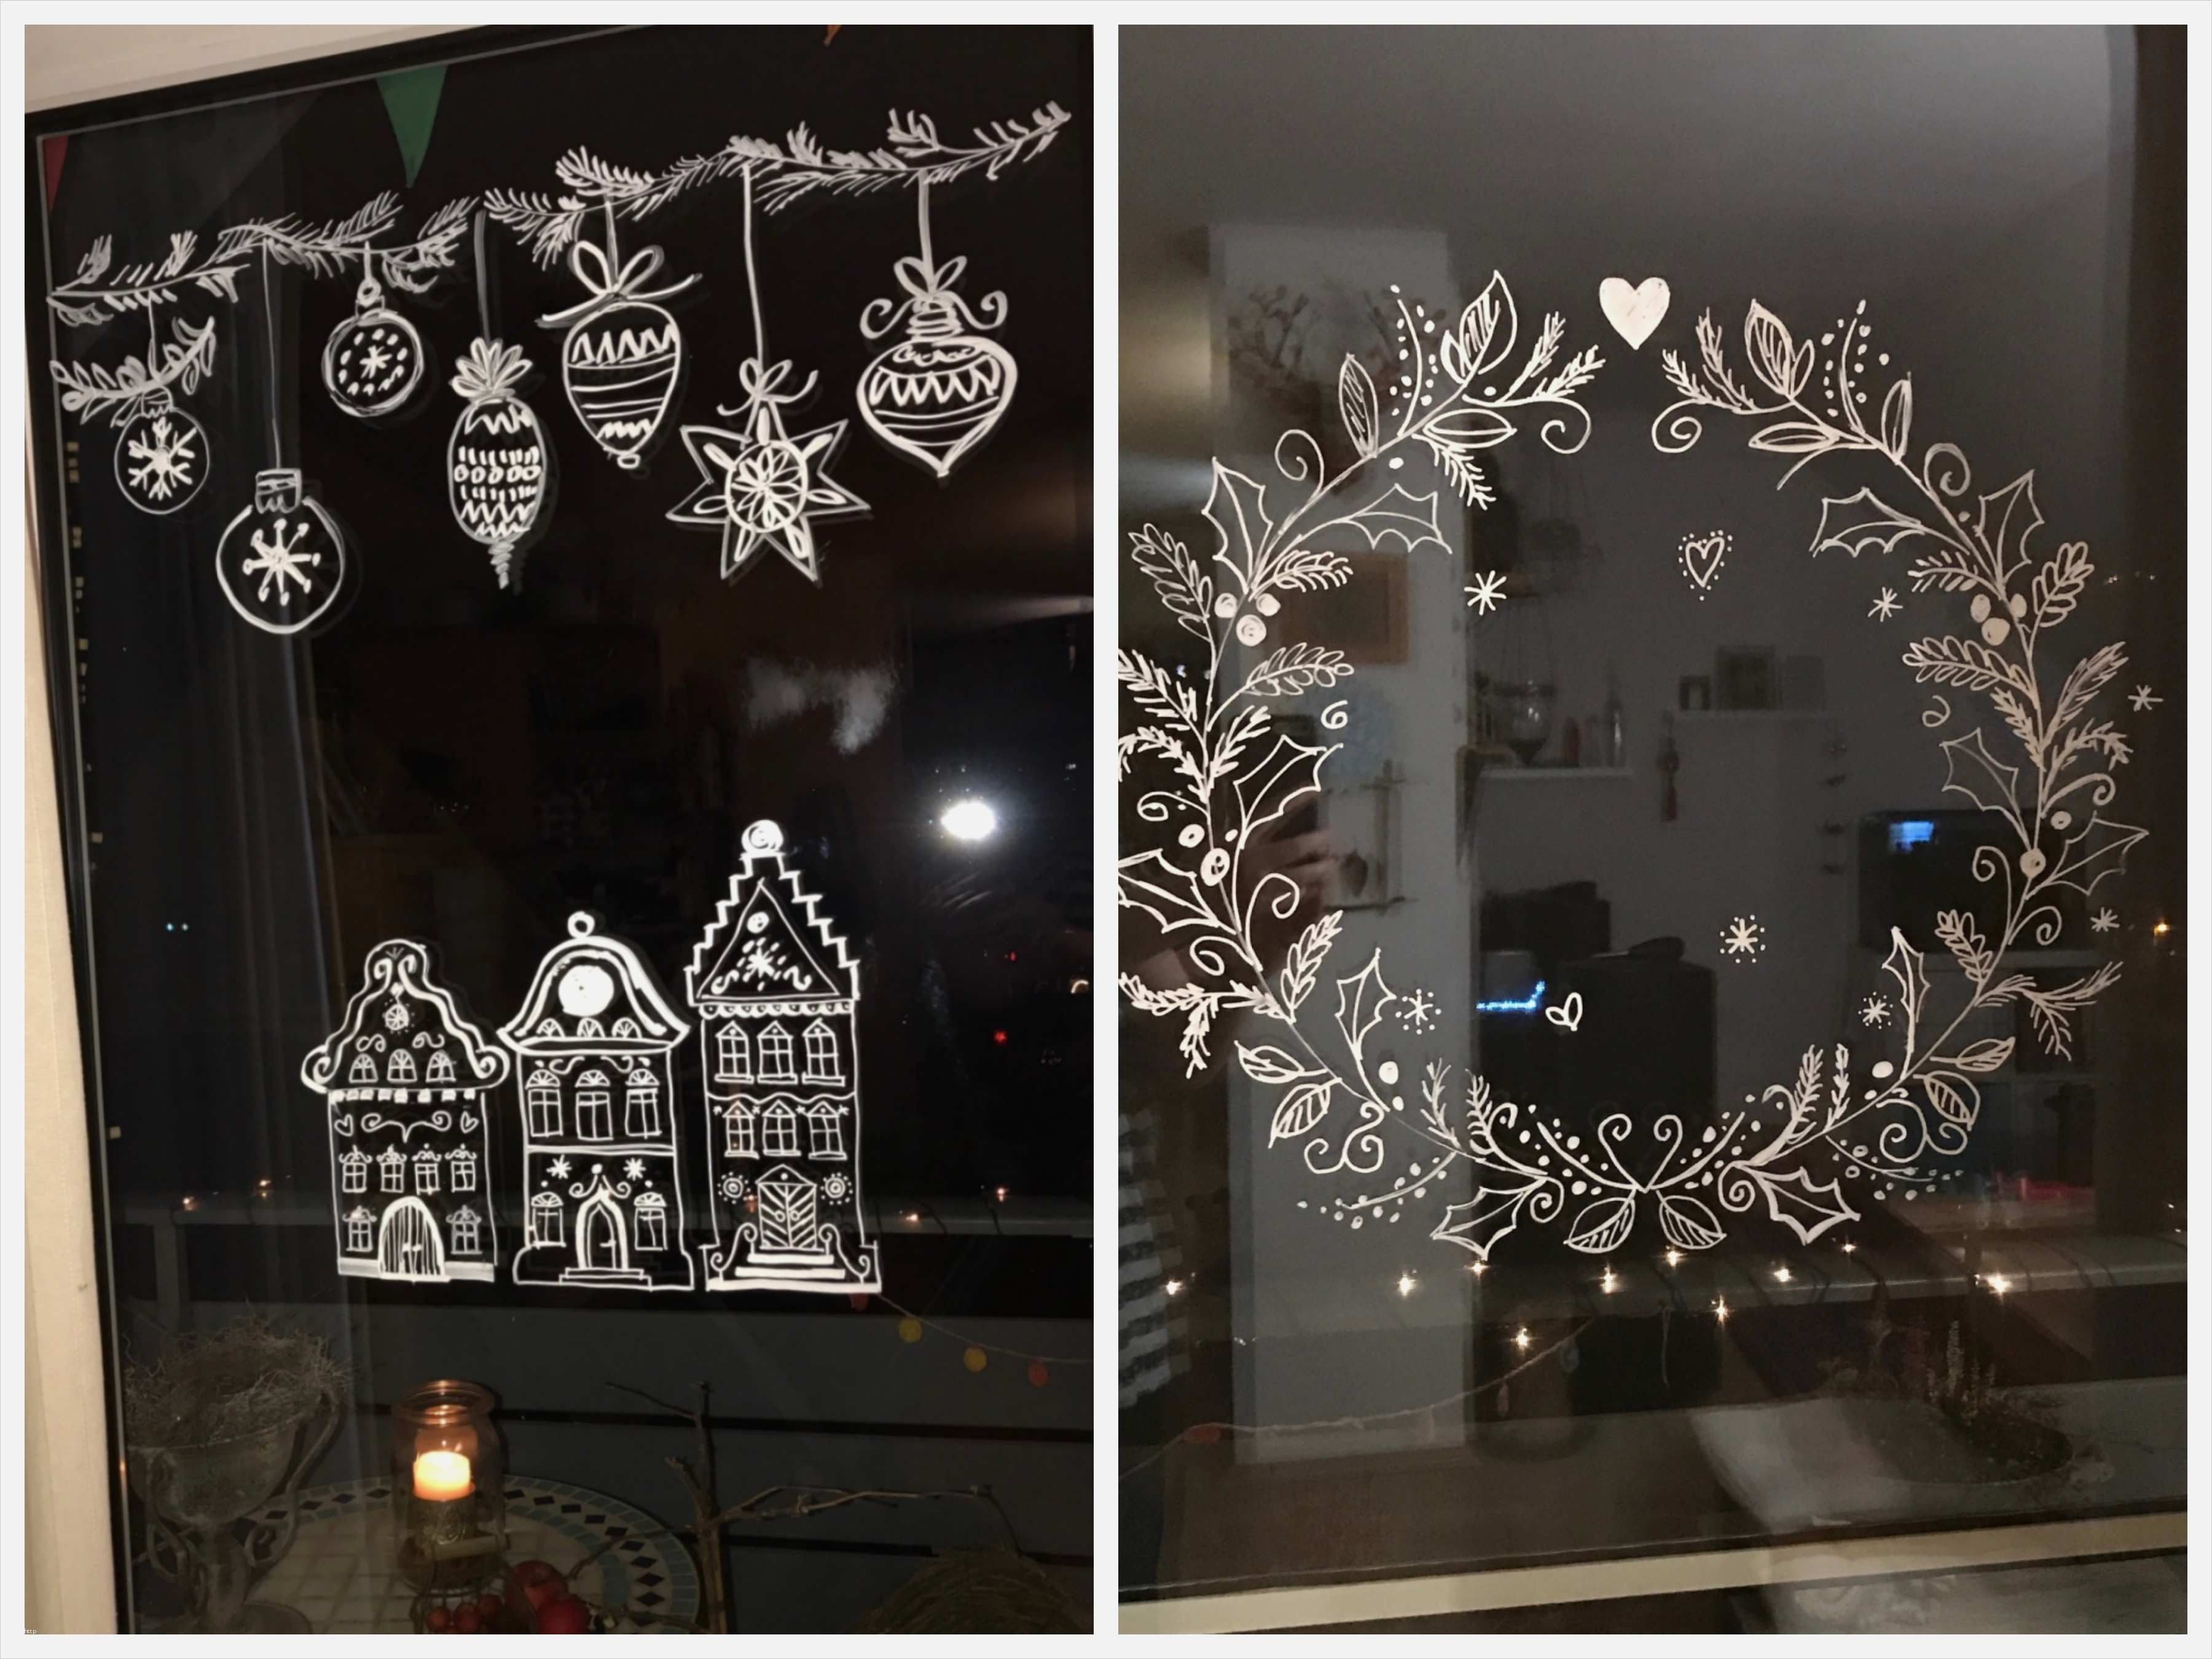 9 Neueste Fensterbemalung Weihnachten Fensterbemalung Neueste Weihnachten Wintergart Weihnacht Fenster Fensterbilder Weihnachten Deko Weihnachten Fenster